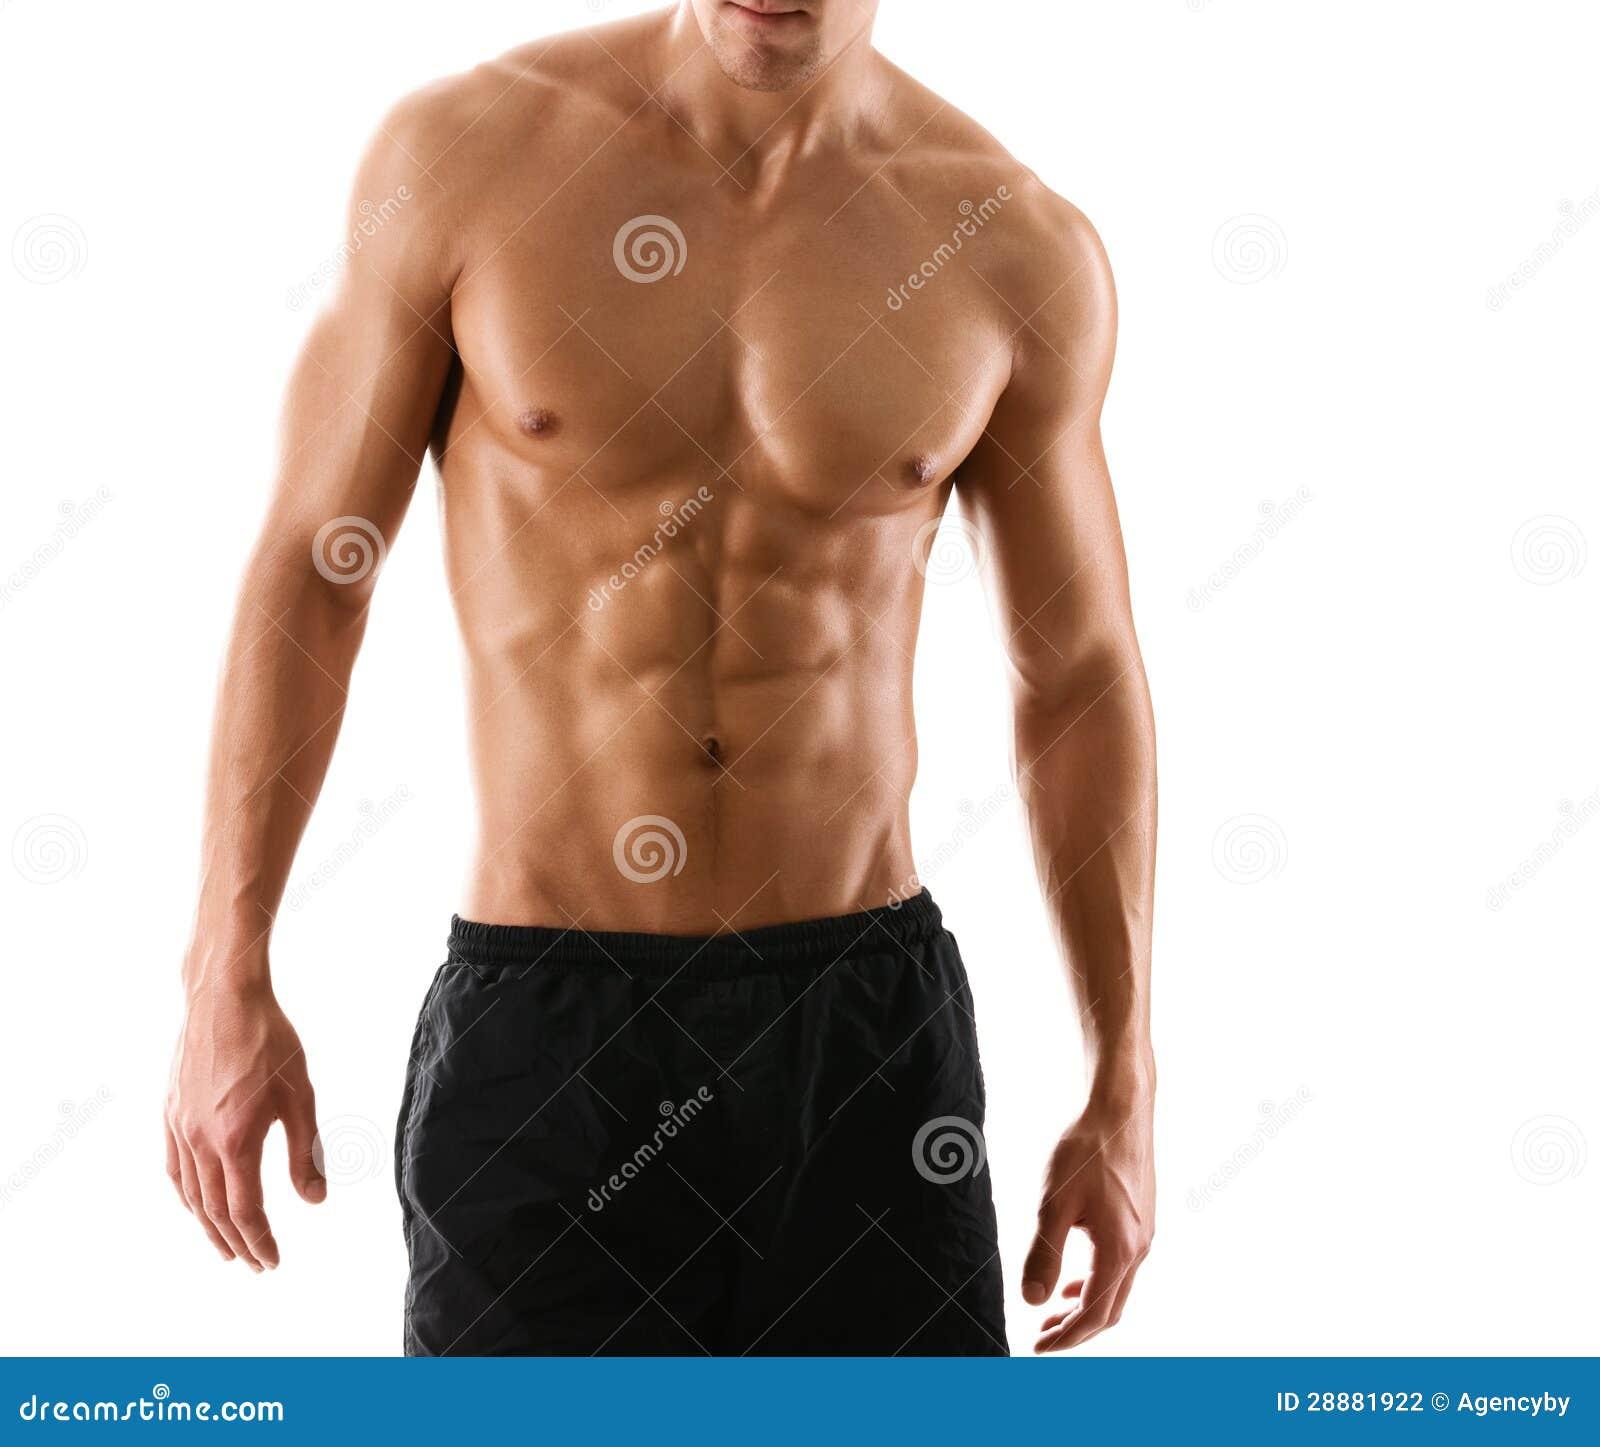 Half Naked Body 17